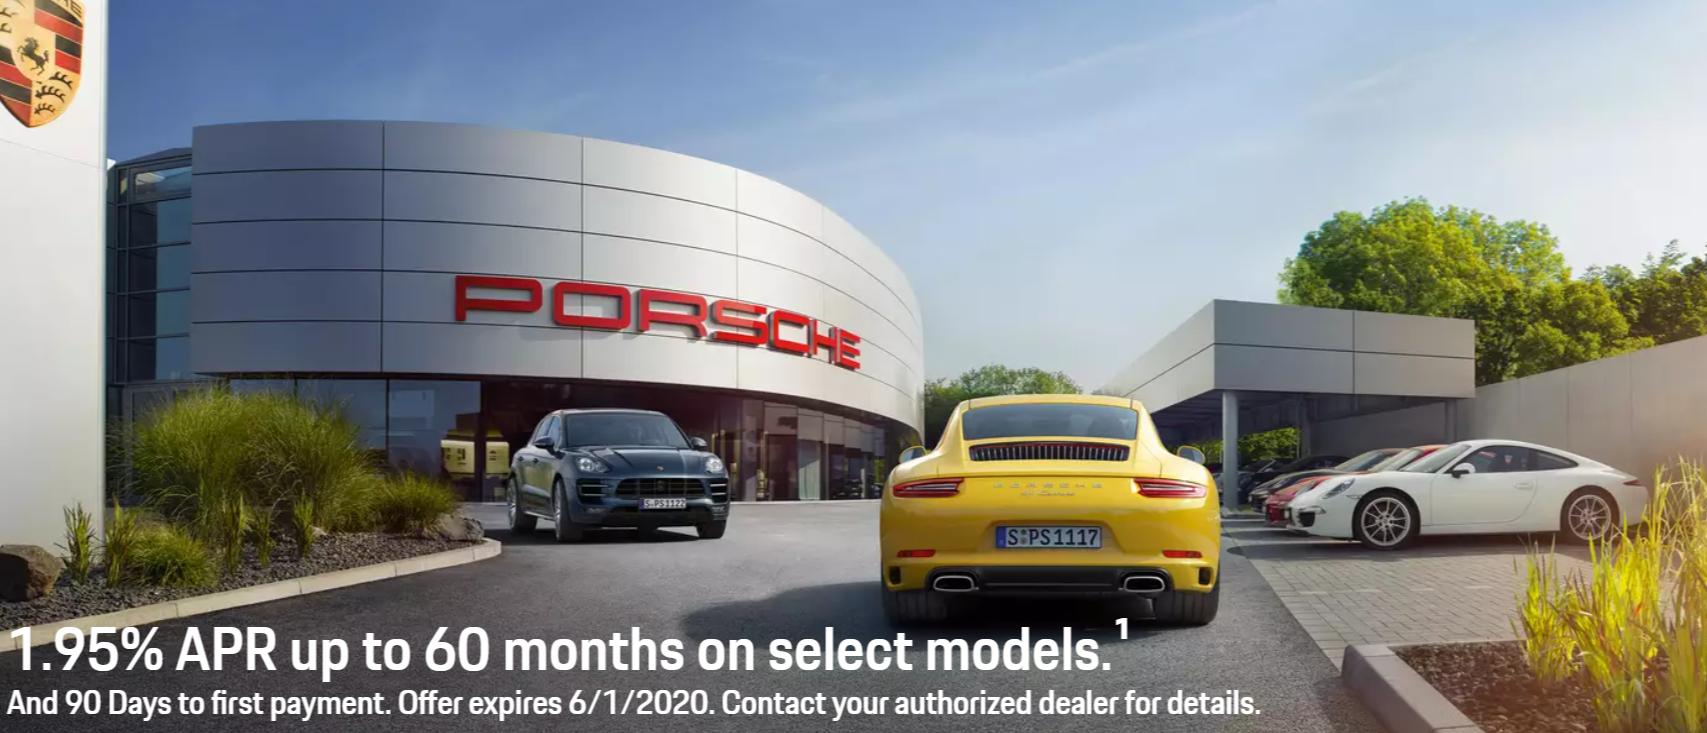 Porsche St. Paul Specials